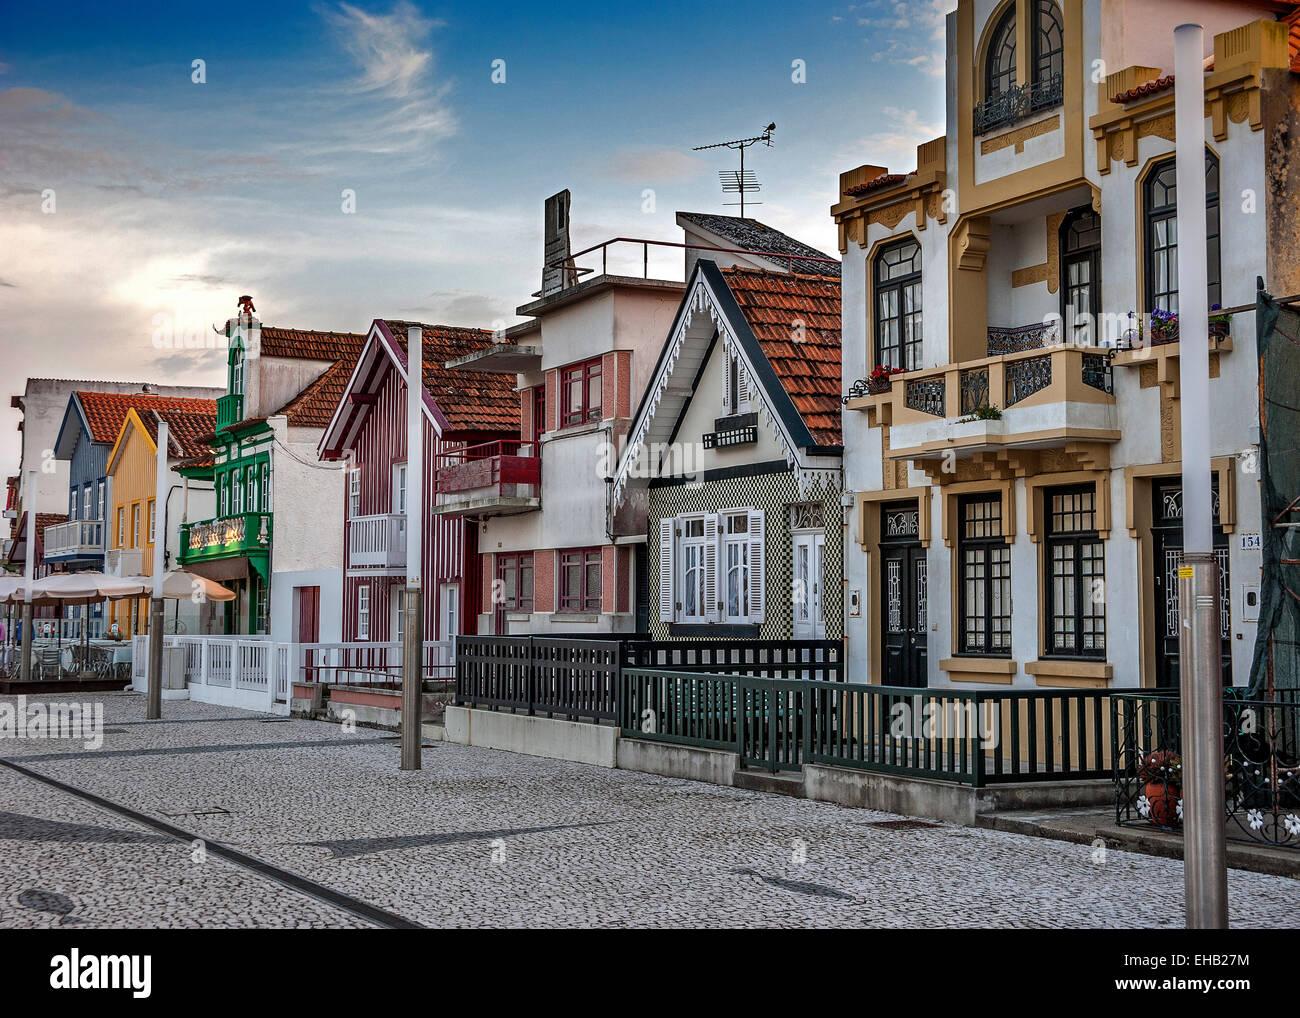 Costa Nova do Prado ( Portugal) famous home Palheiros with their houses with colorful stripes derived from original Stock Photo